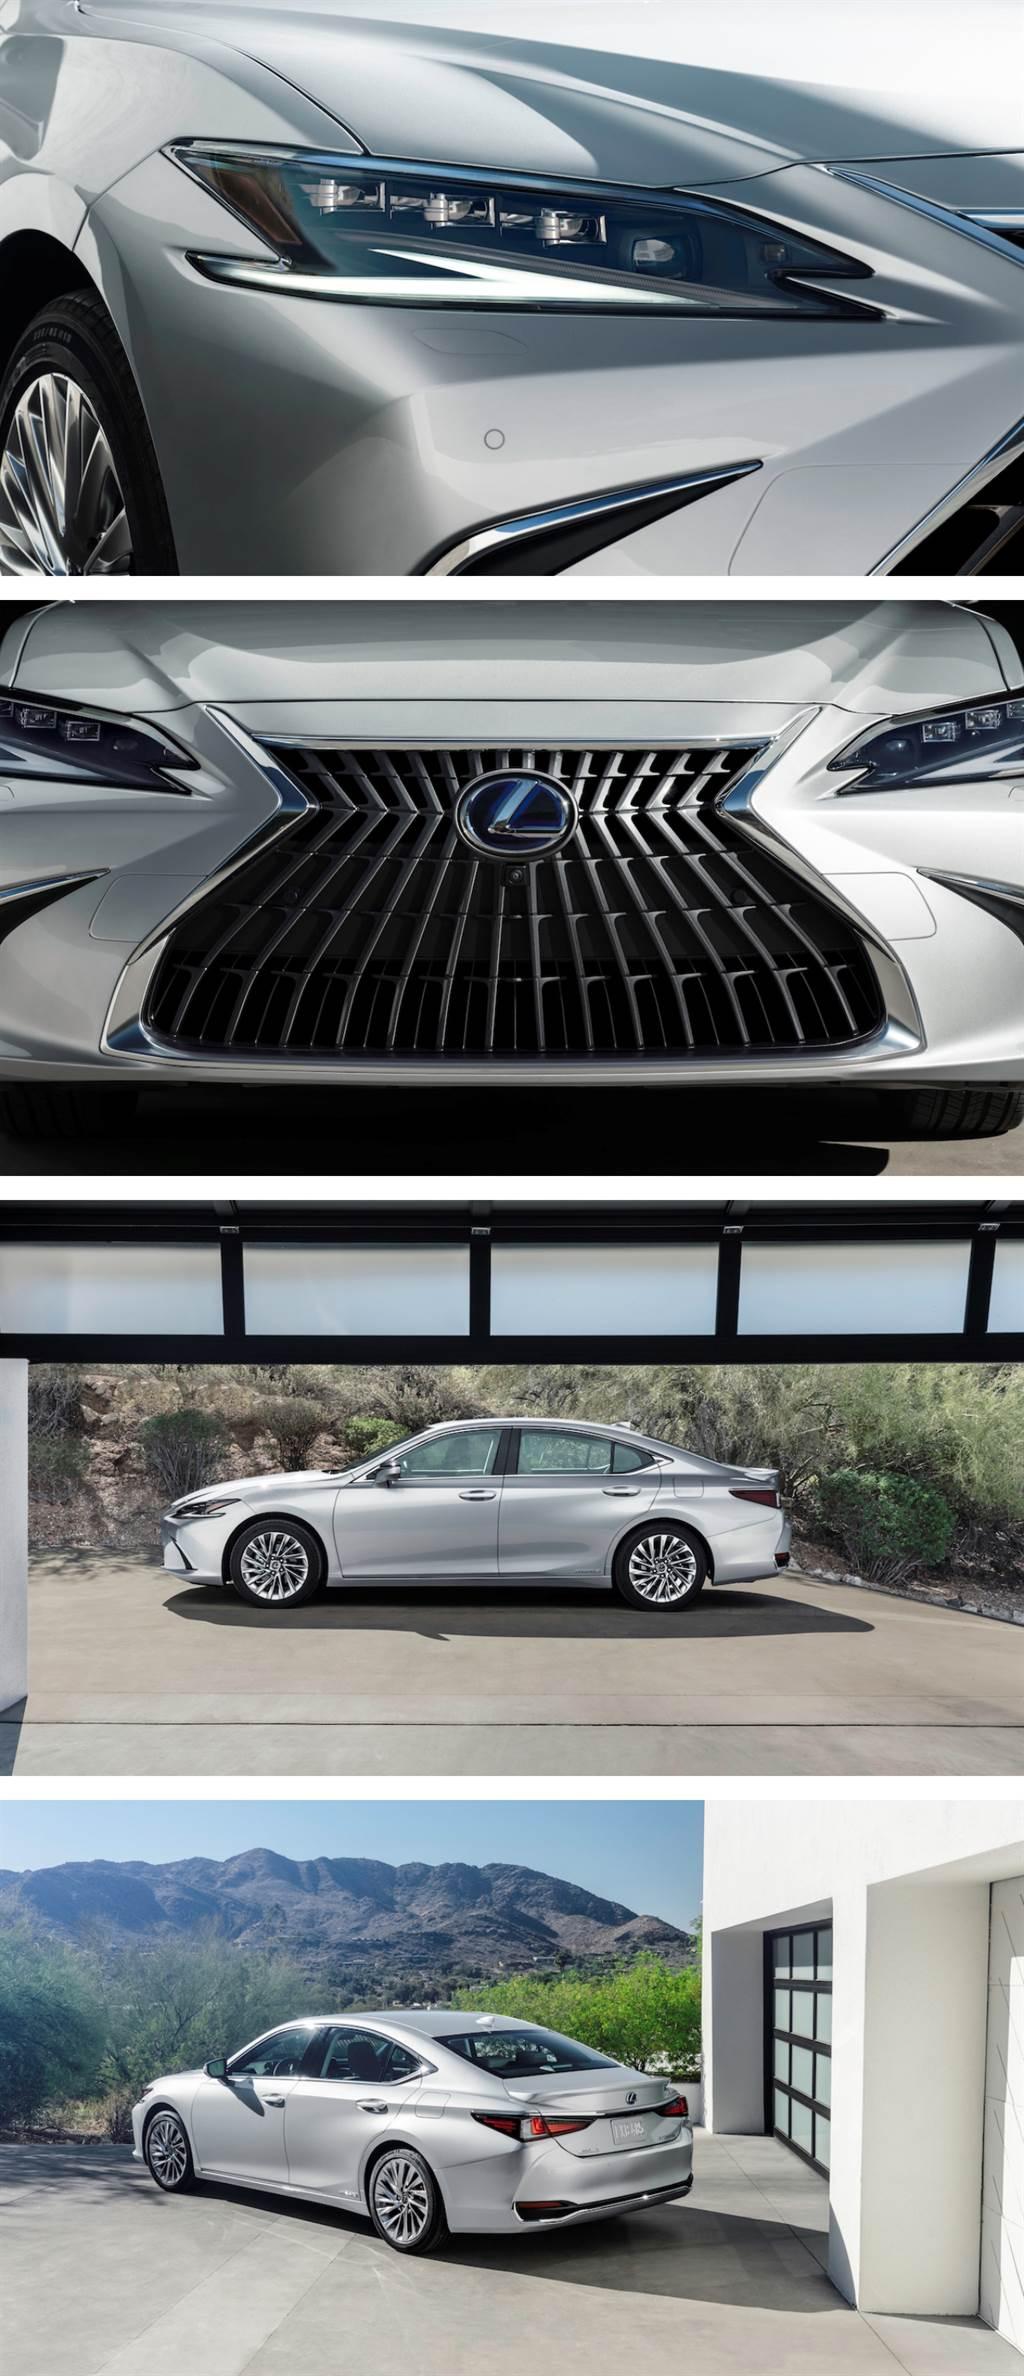 2021 上海車展:強化舒適性與駕乘反應的新豪華境界,Lexus ES 小改款全球首發!